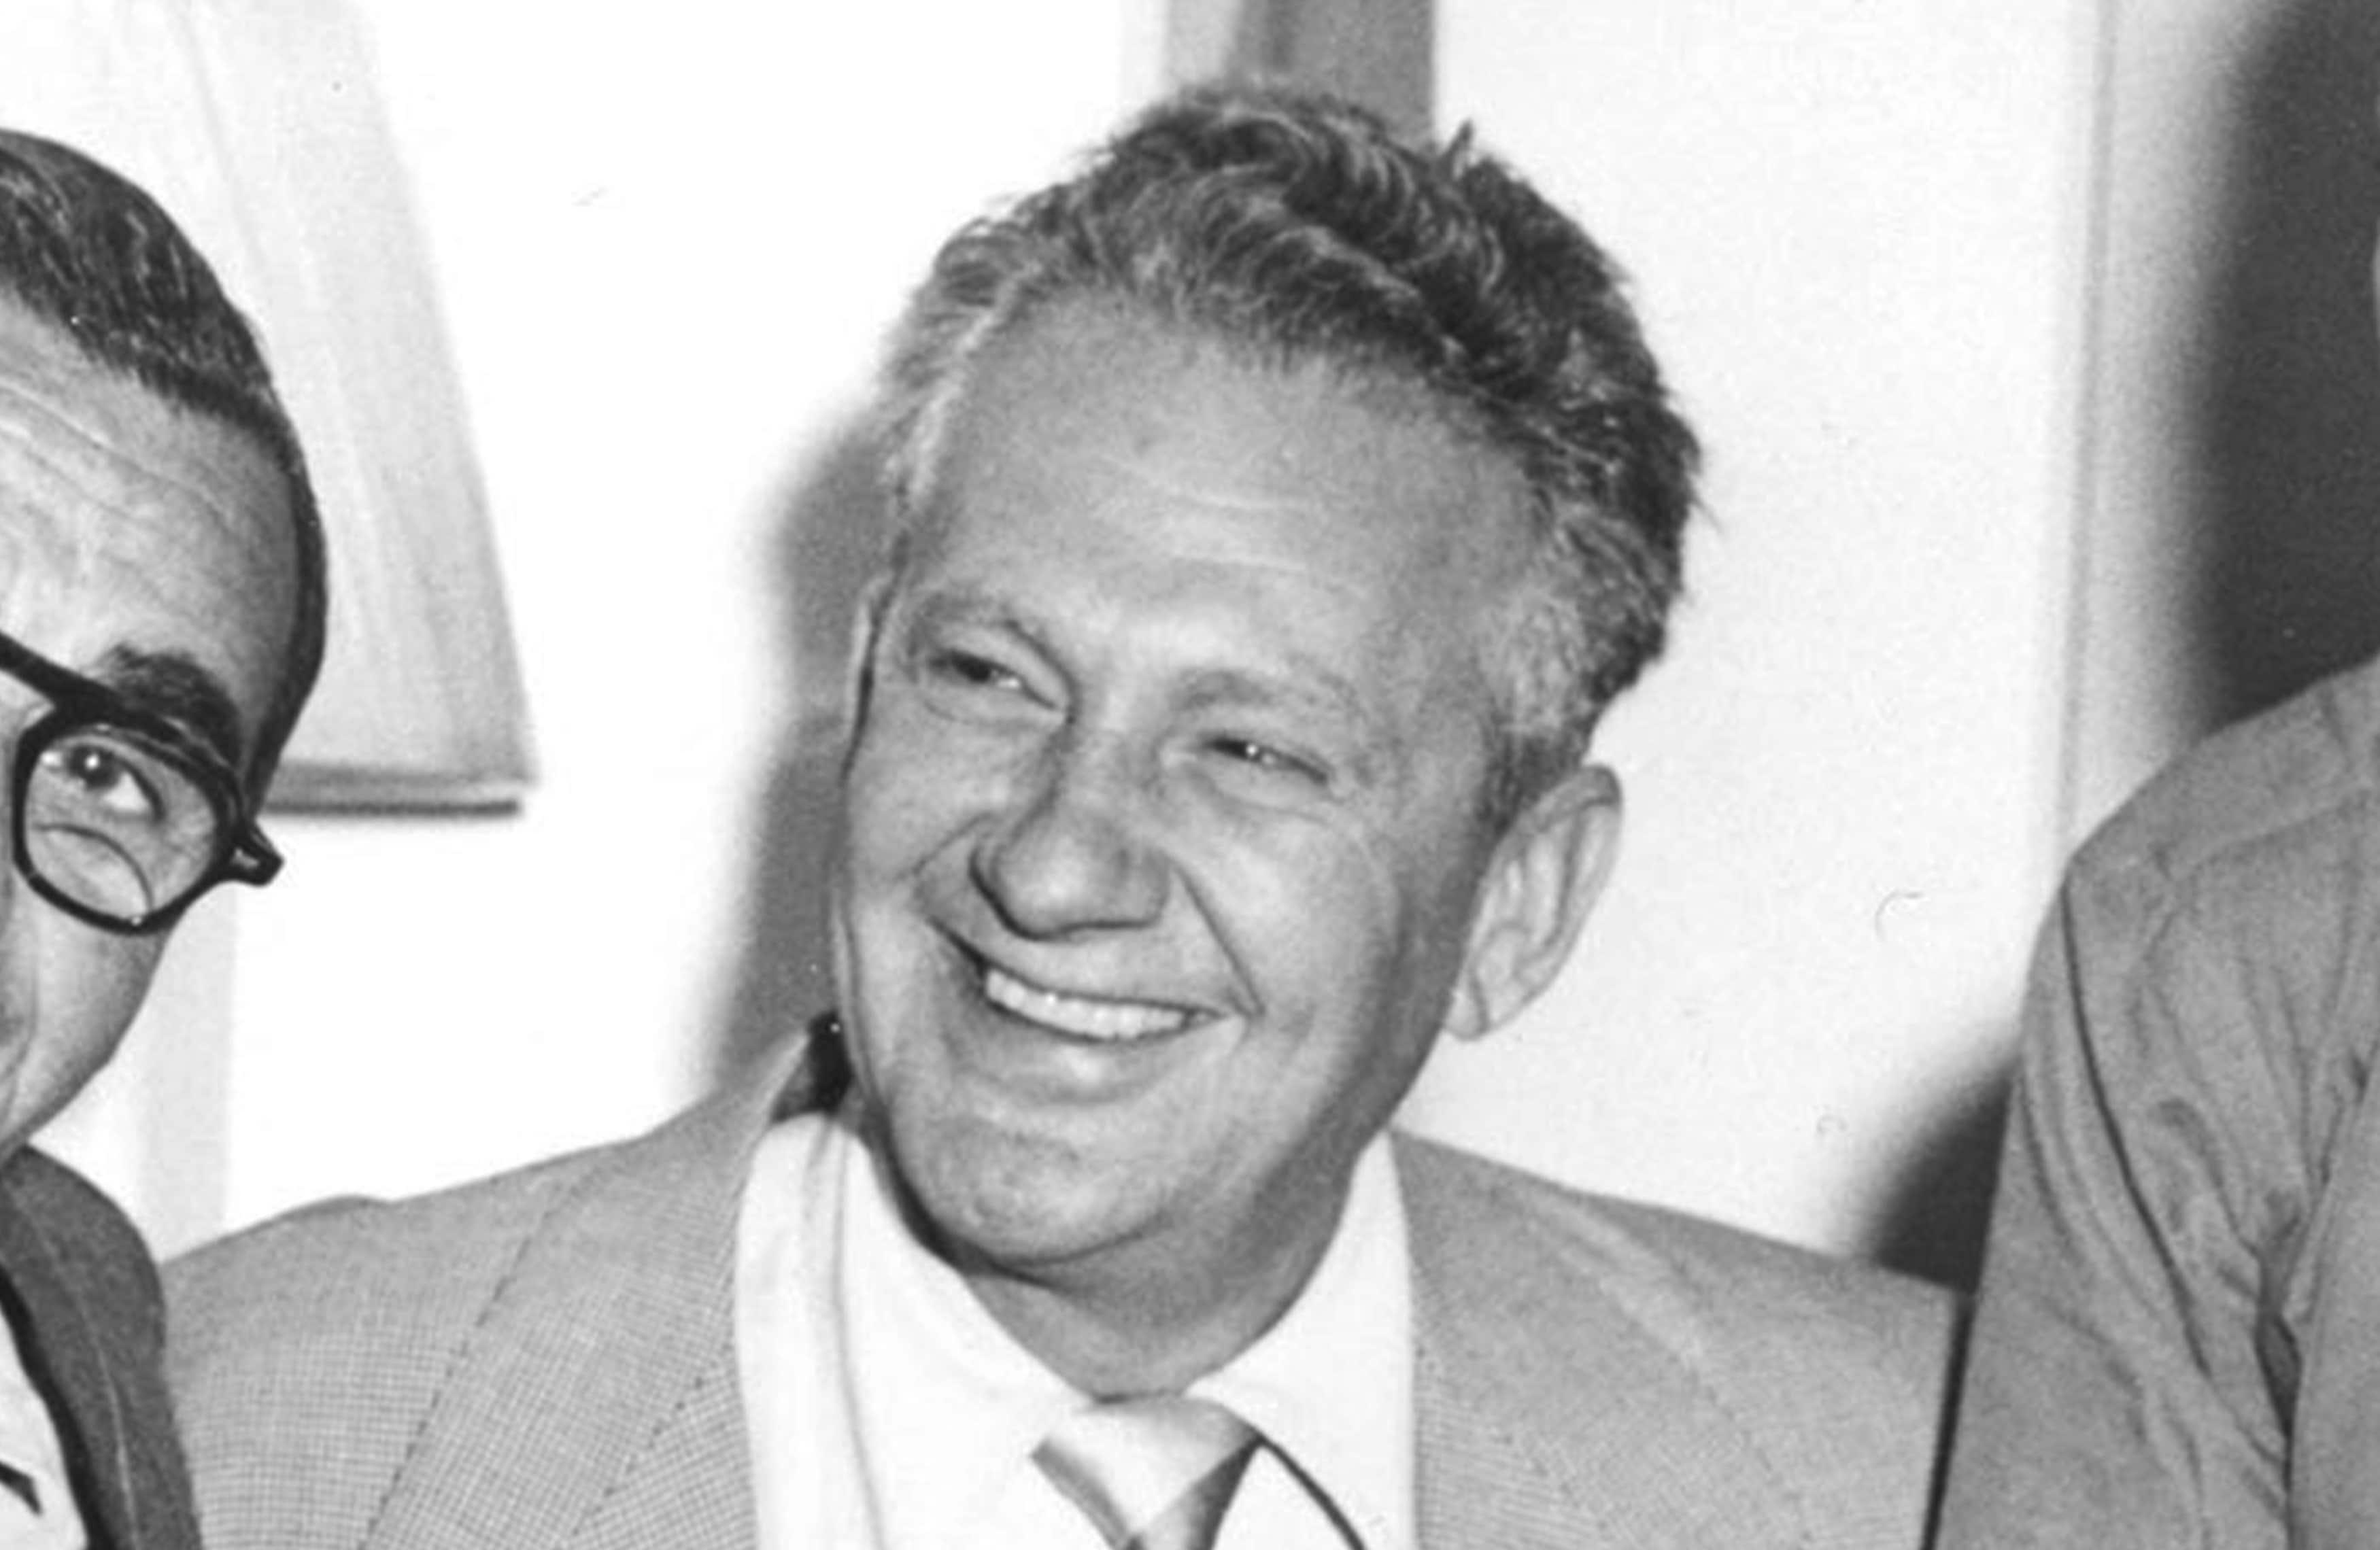 Don Hartman